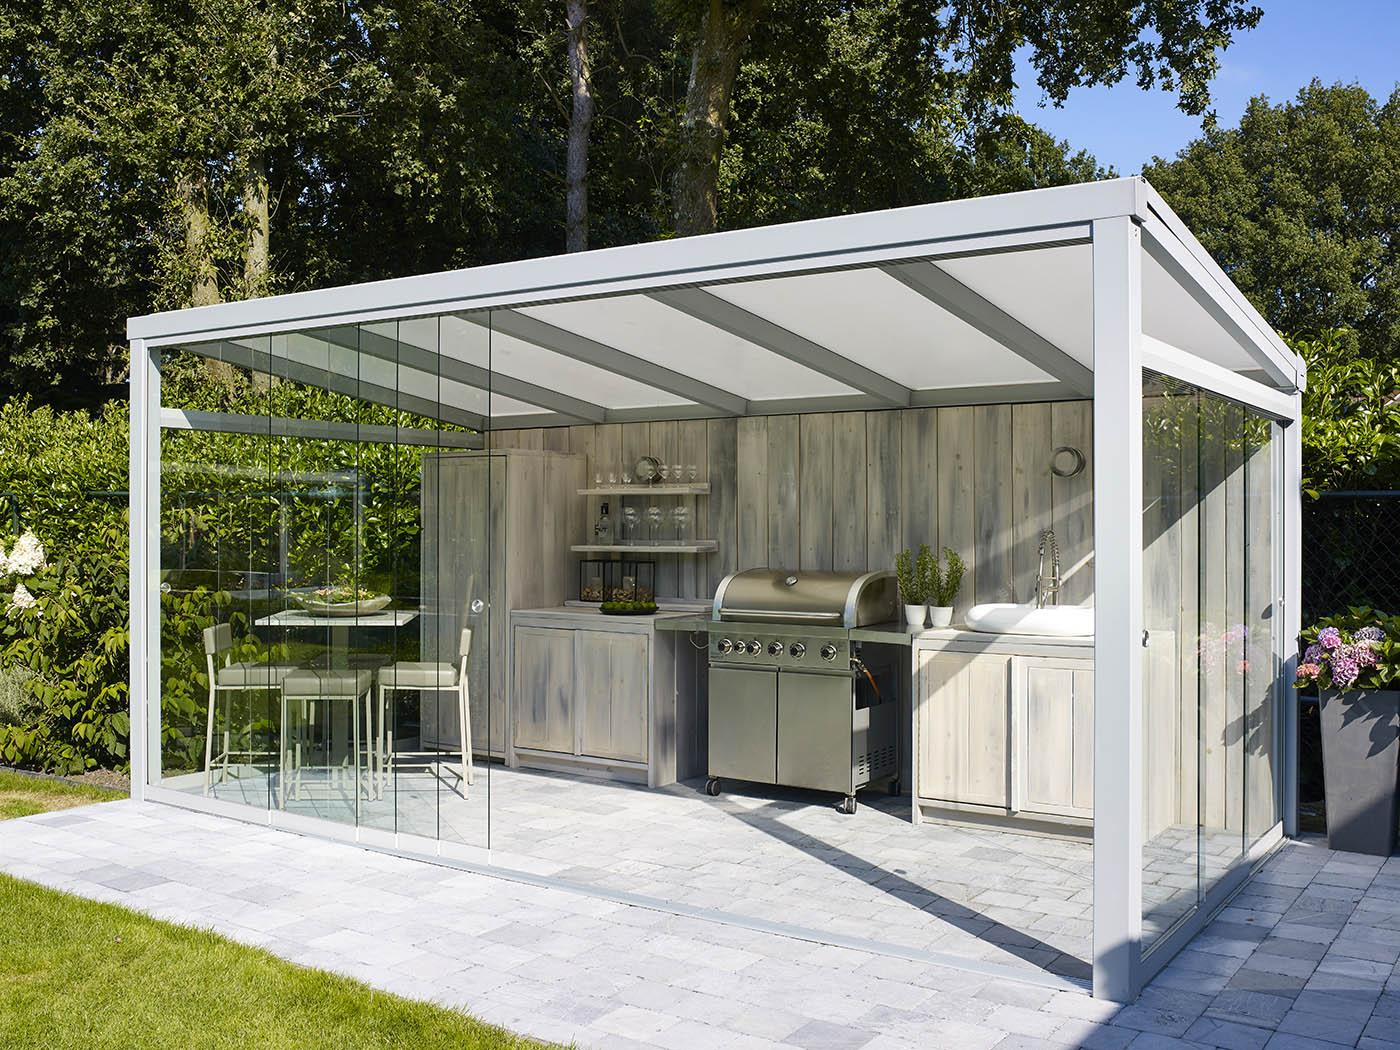 quri gmbh glashandel in nordhorn ihr partner in thema glas terrassen berdachung und. Black Bedroom Furniture Sets. Home Design Ideas